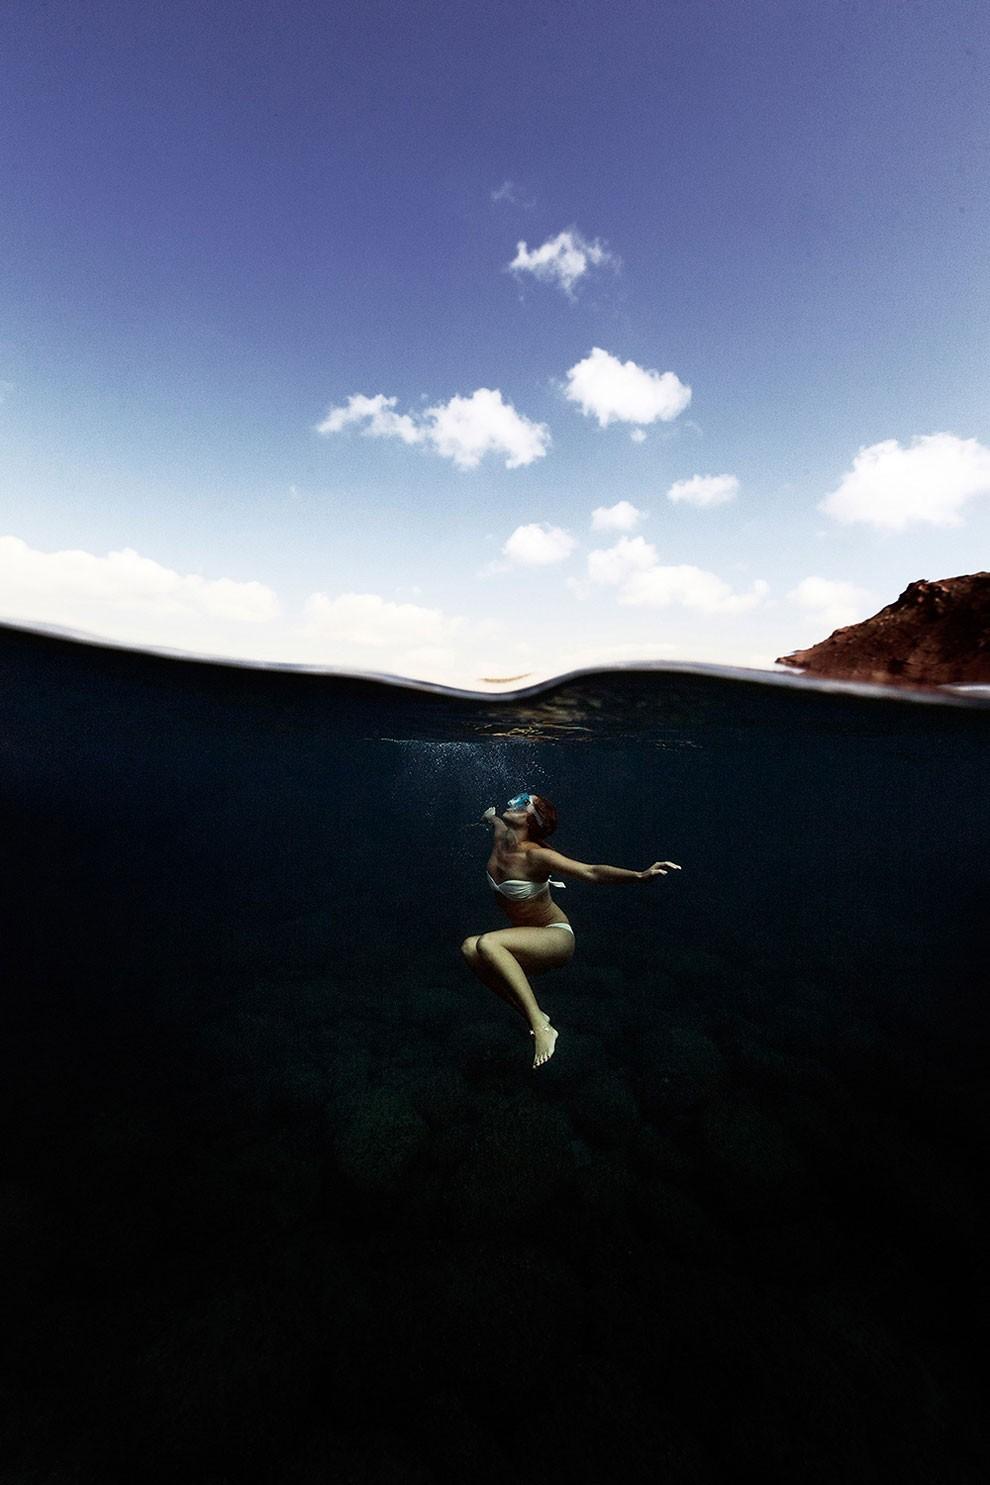 fotografia-subacquea-enric-adrian-gener-27mm-12